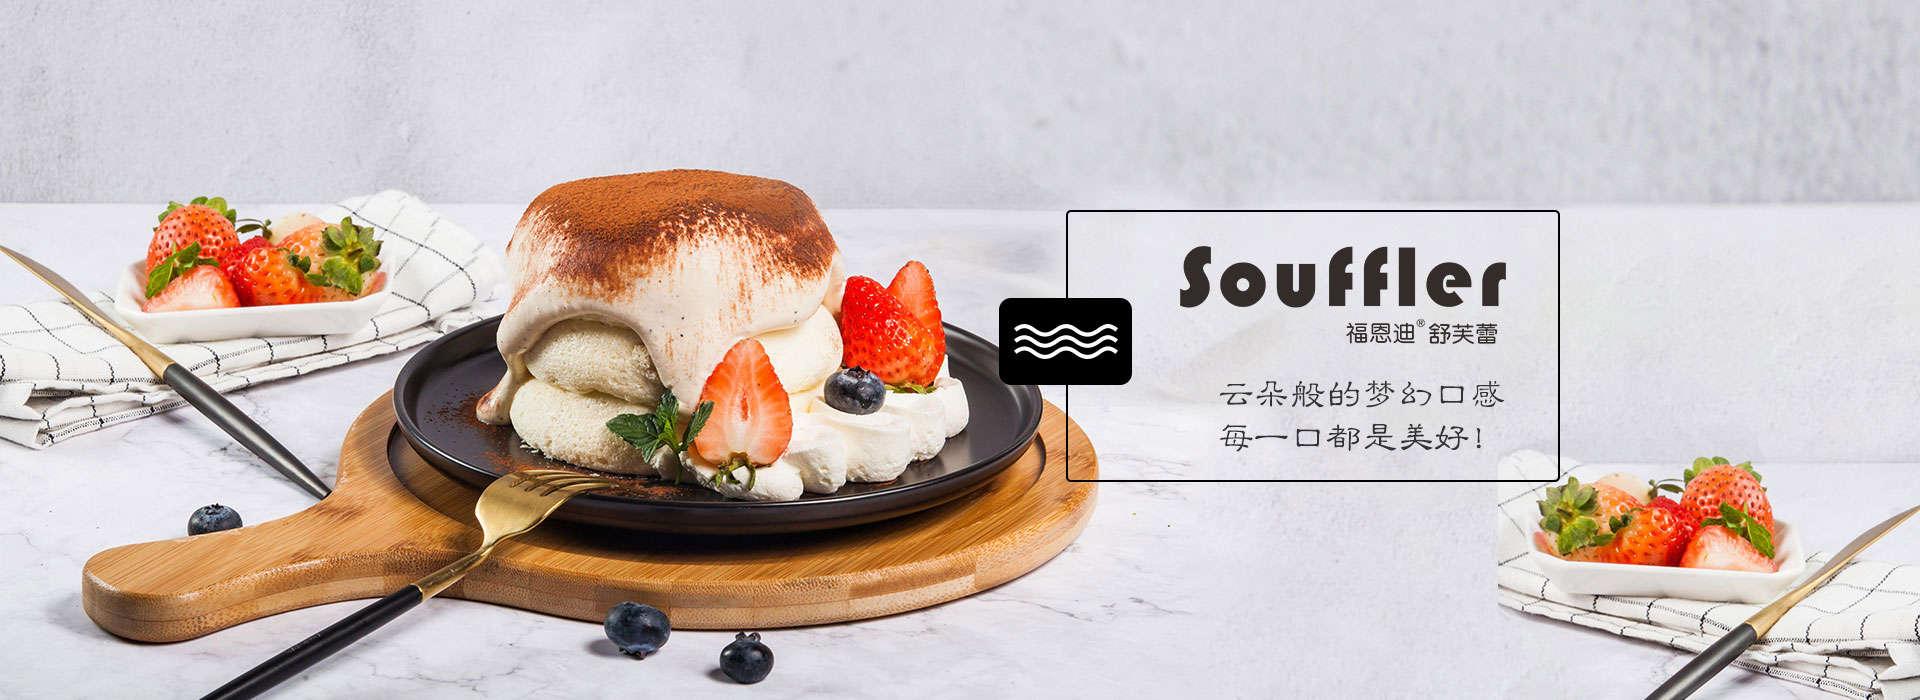 福恩迪舒芙蕾_昌启餐饮甜品加盟